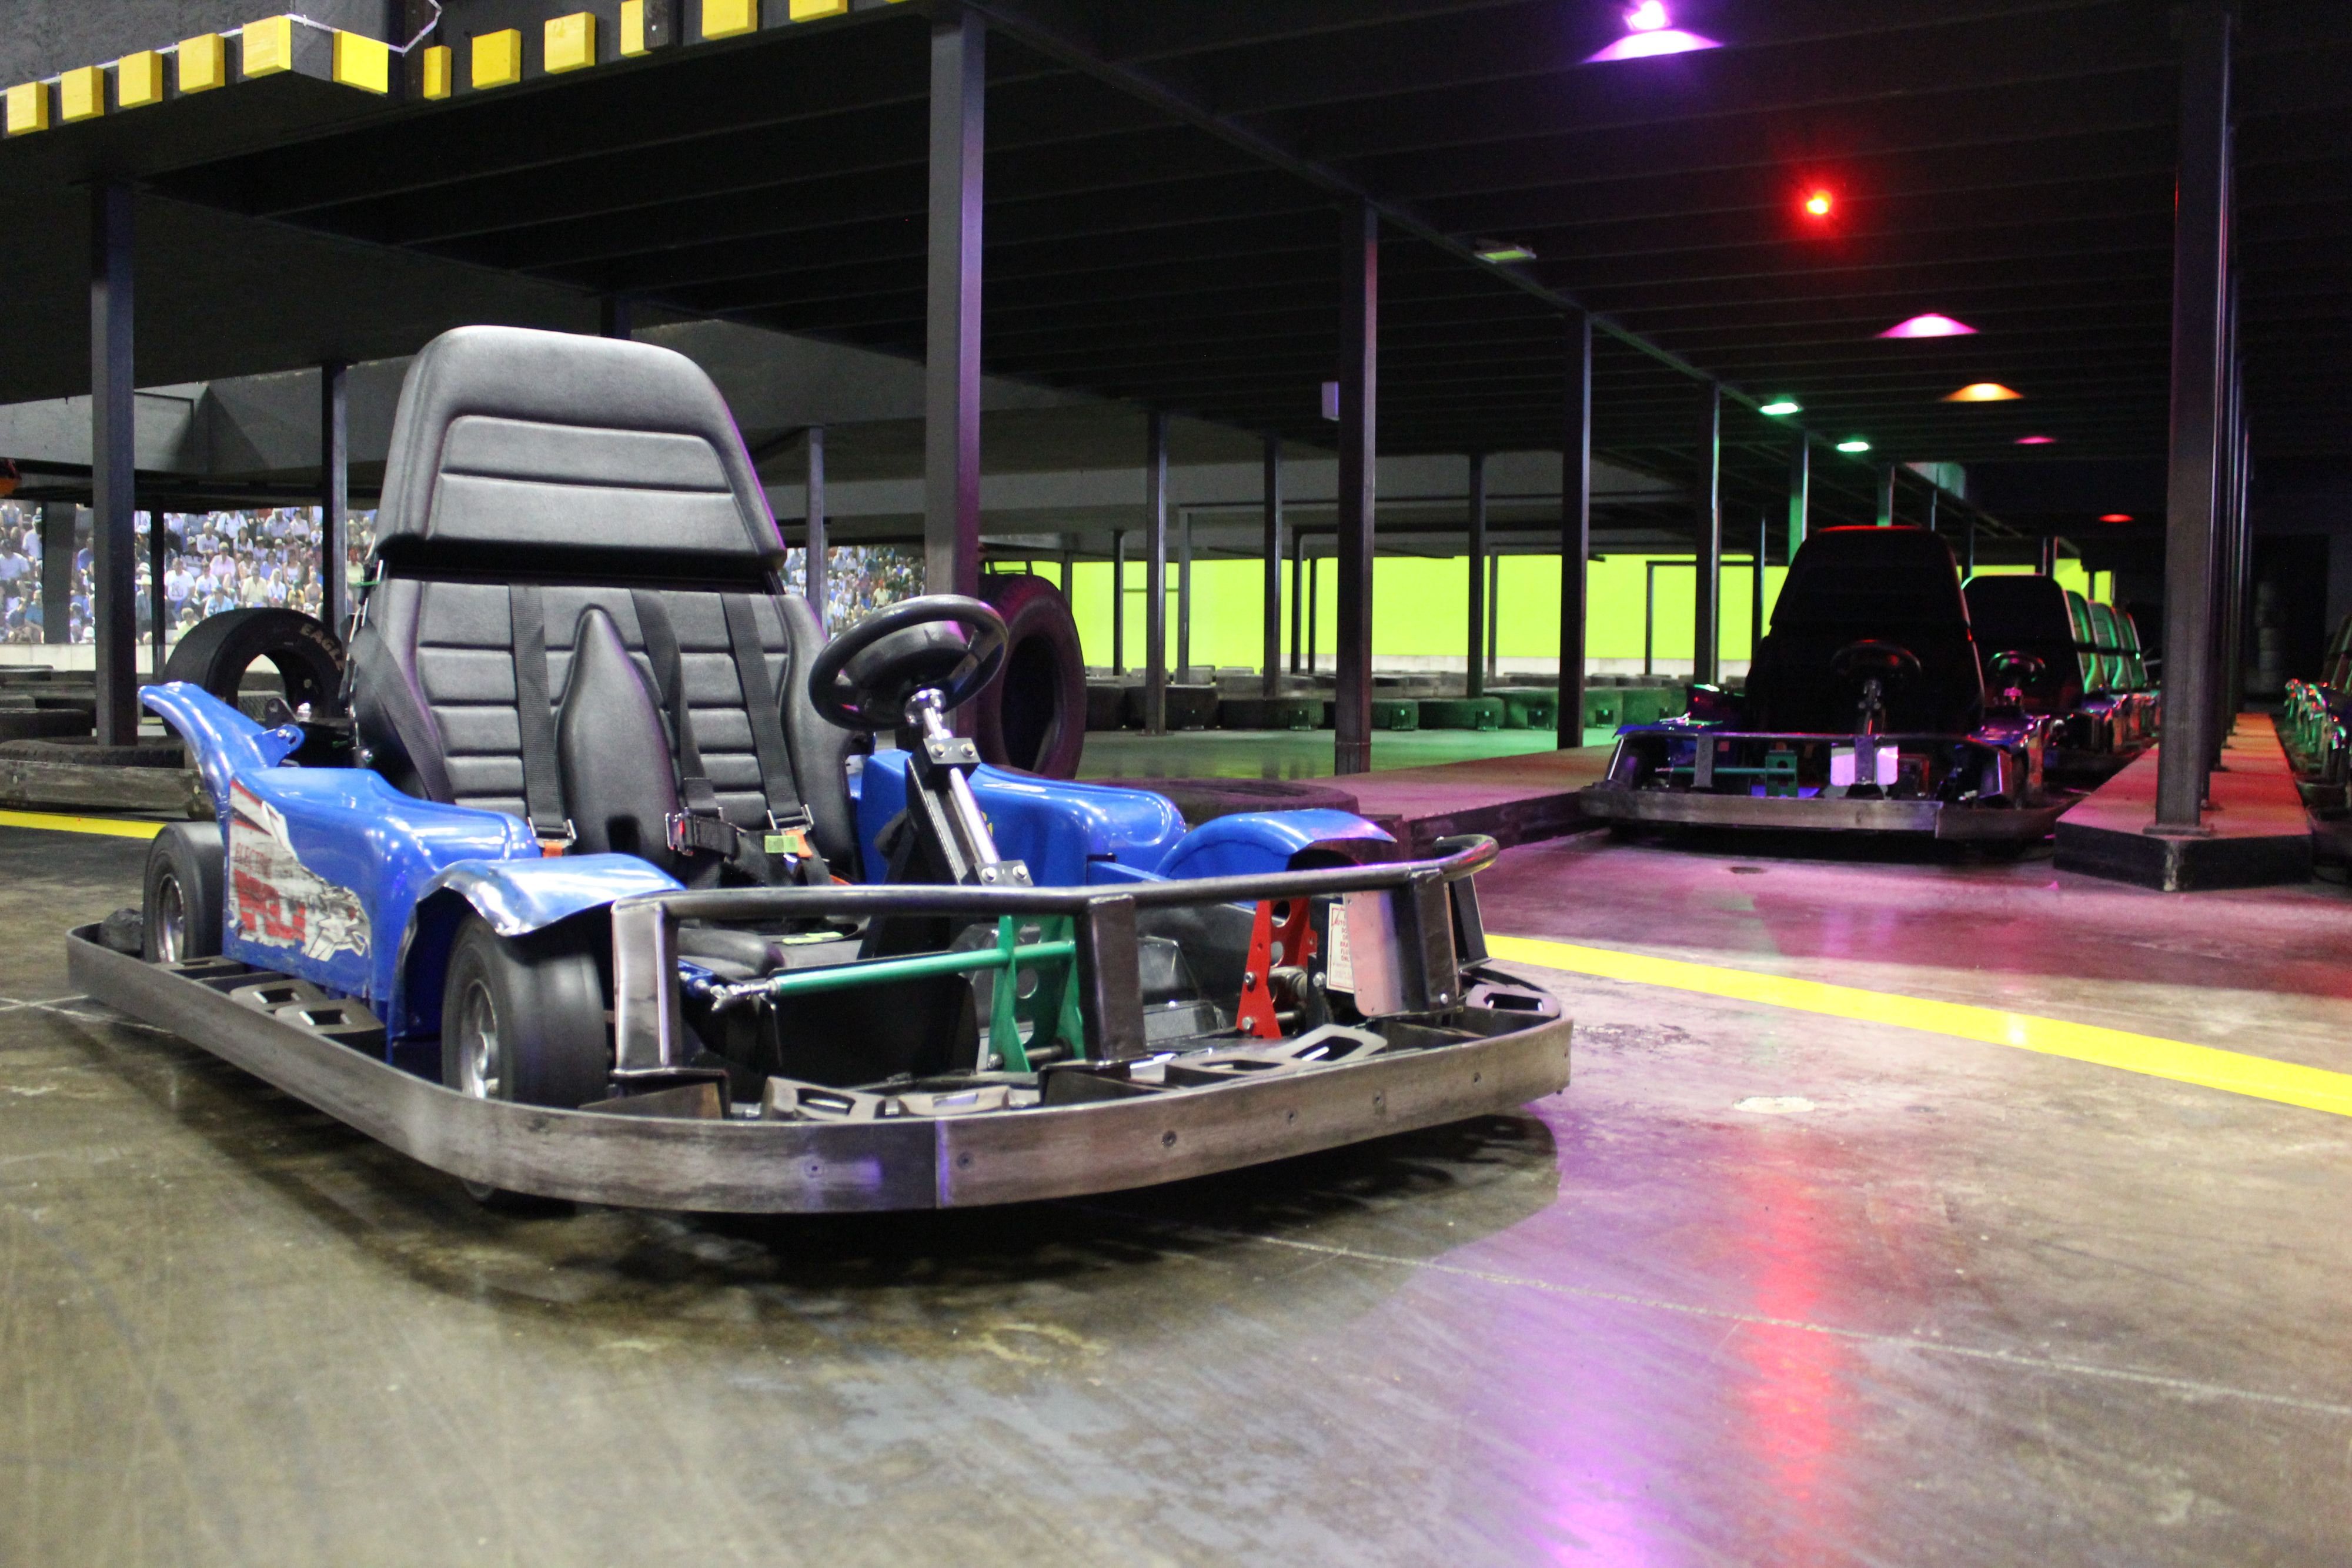 Go Kart - Inside